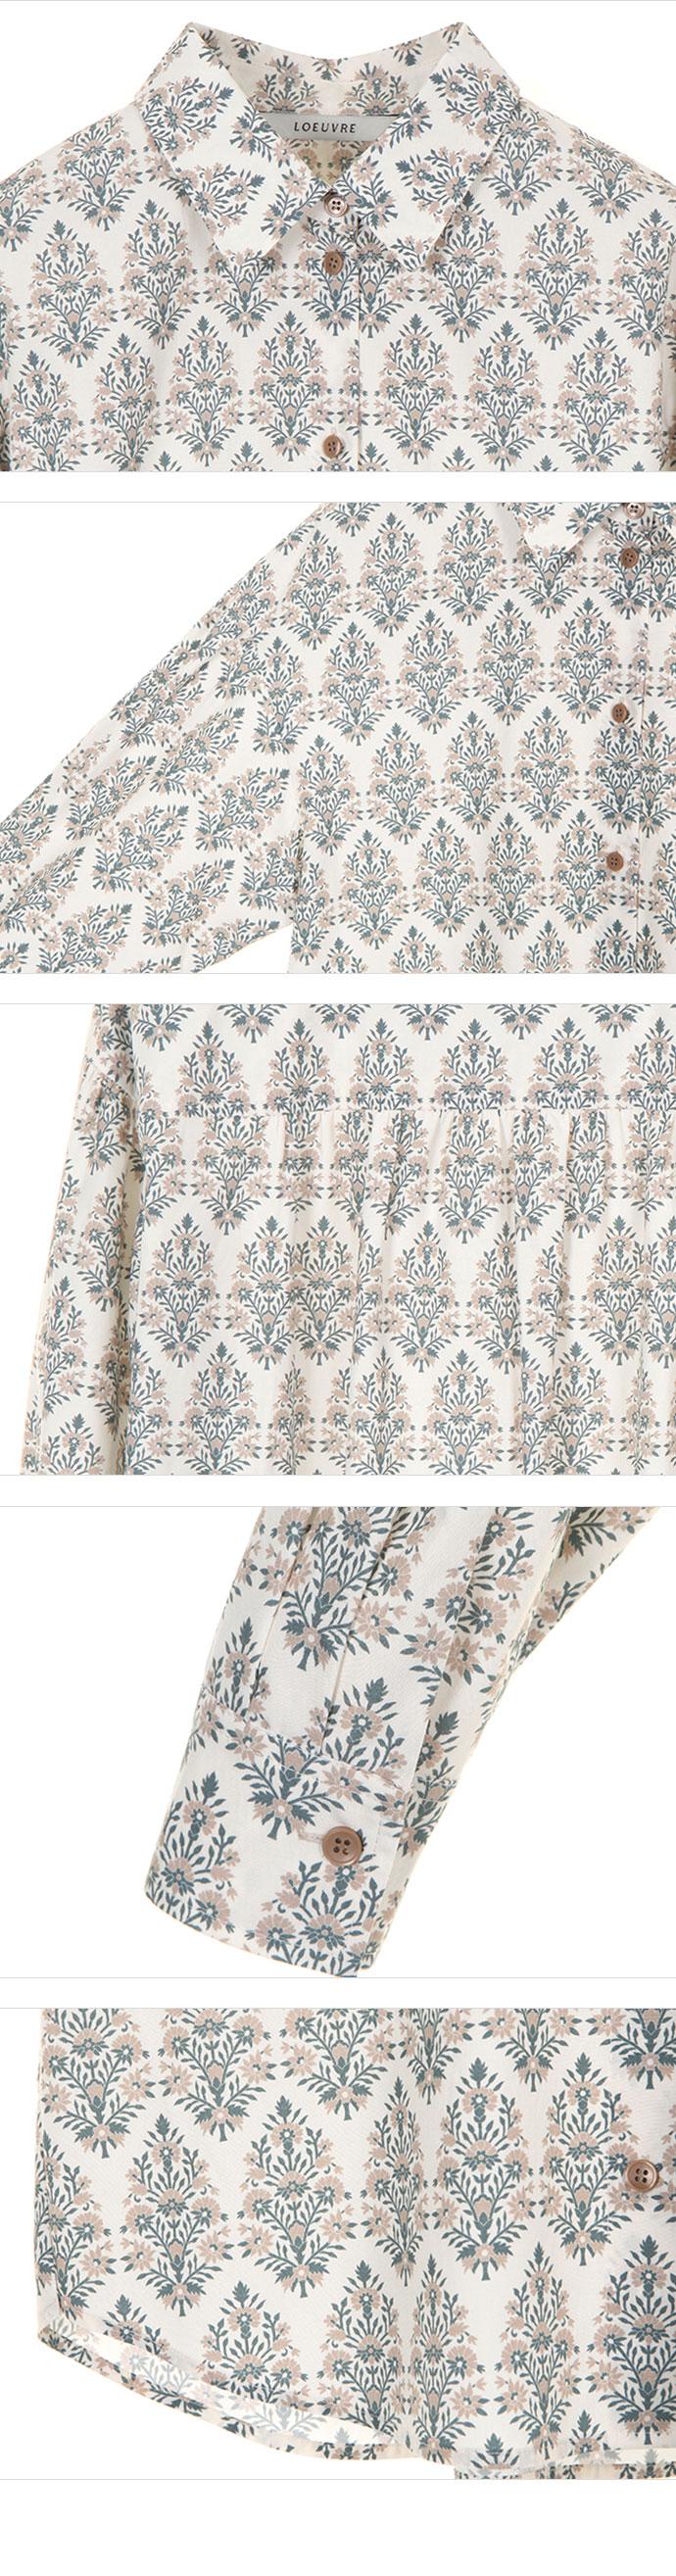 루에브르(LOEUVRE) Floral Shirring Blouse SW1SB117-DW